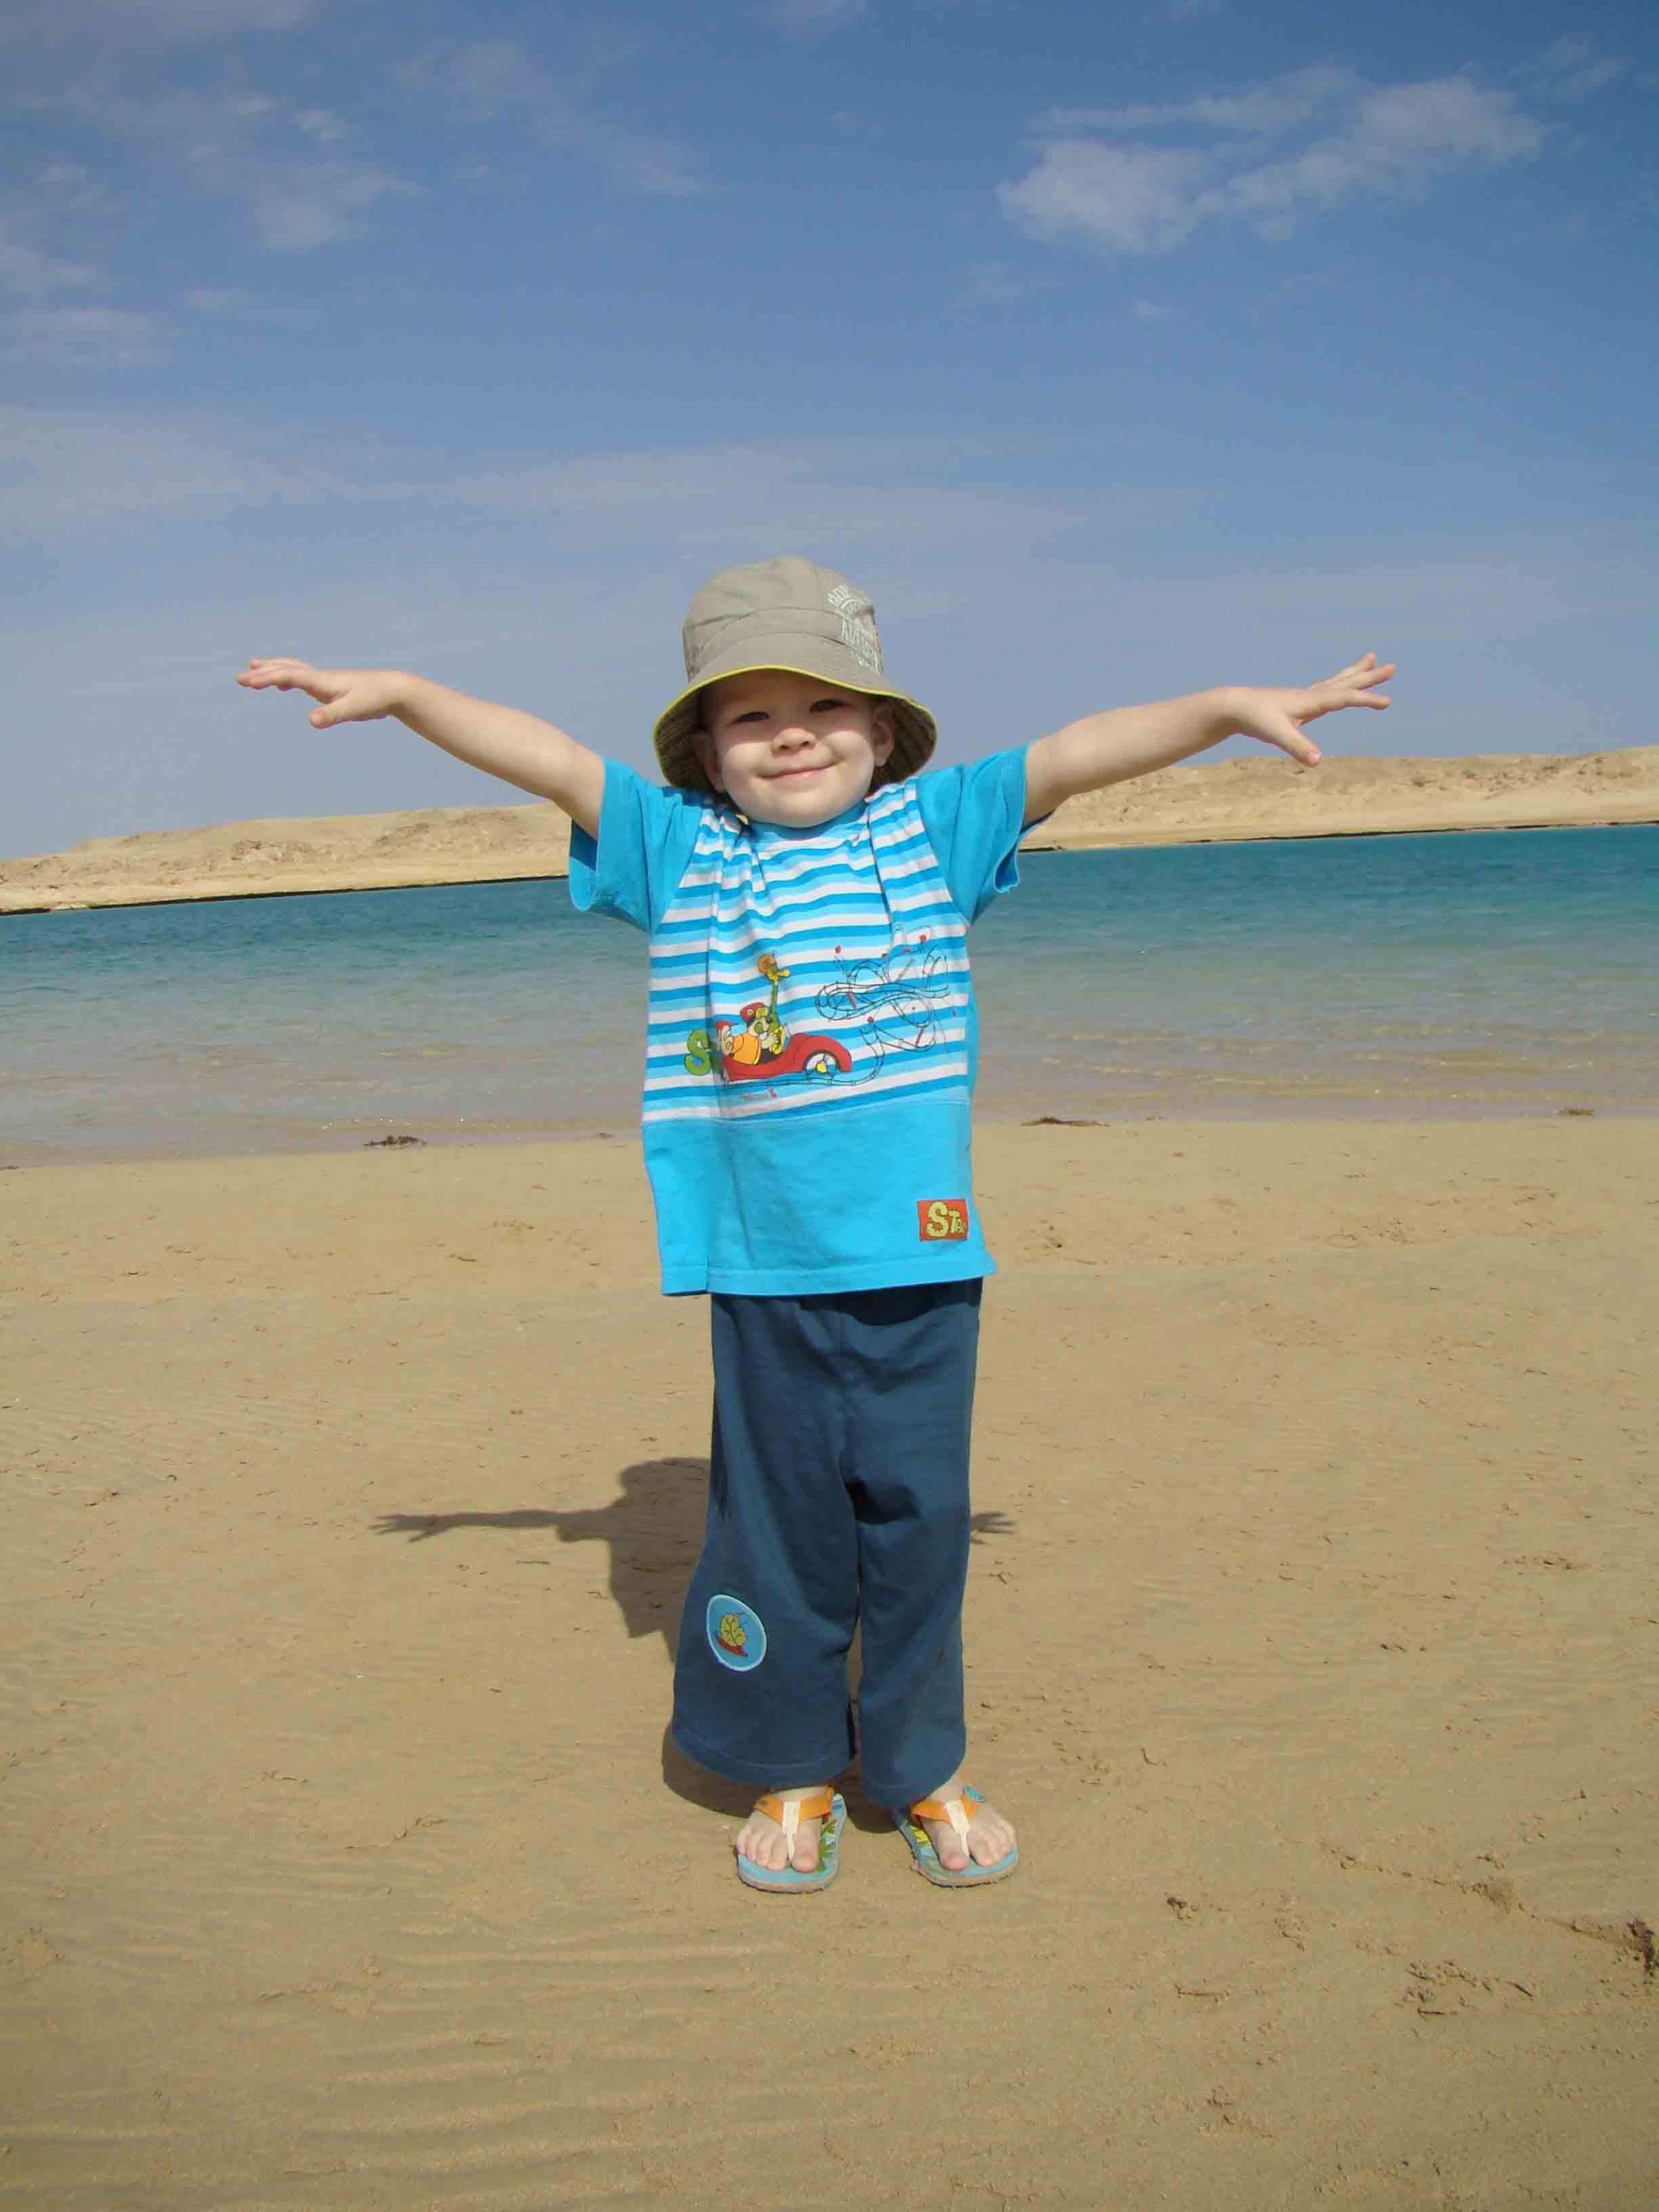 Наконец-то я на море!!!. Юные путешественники